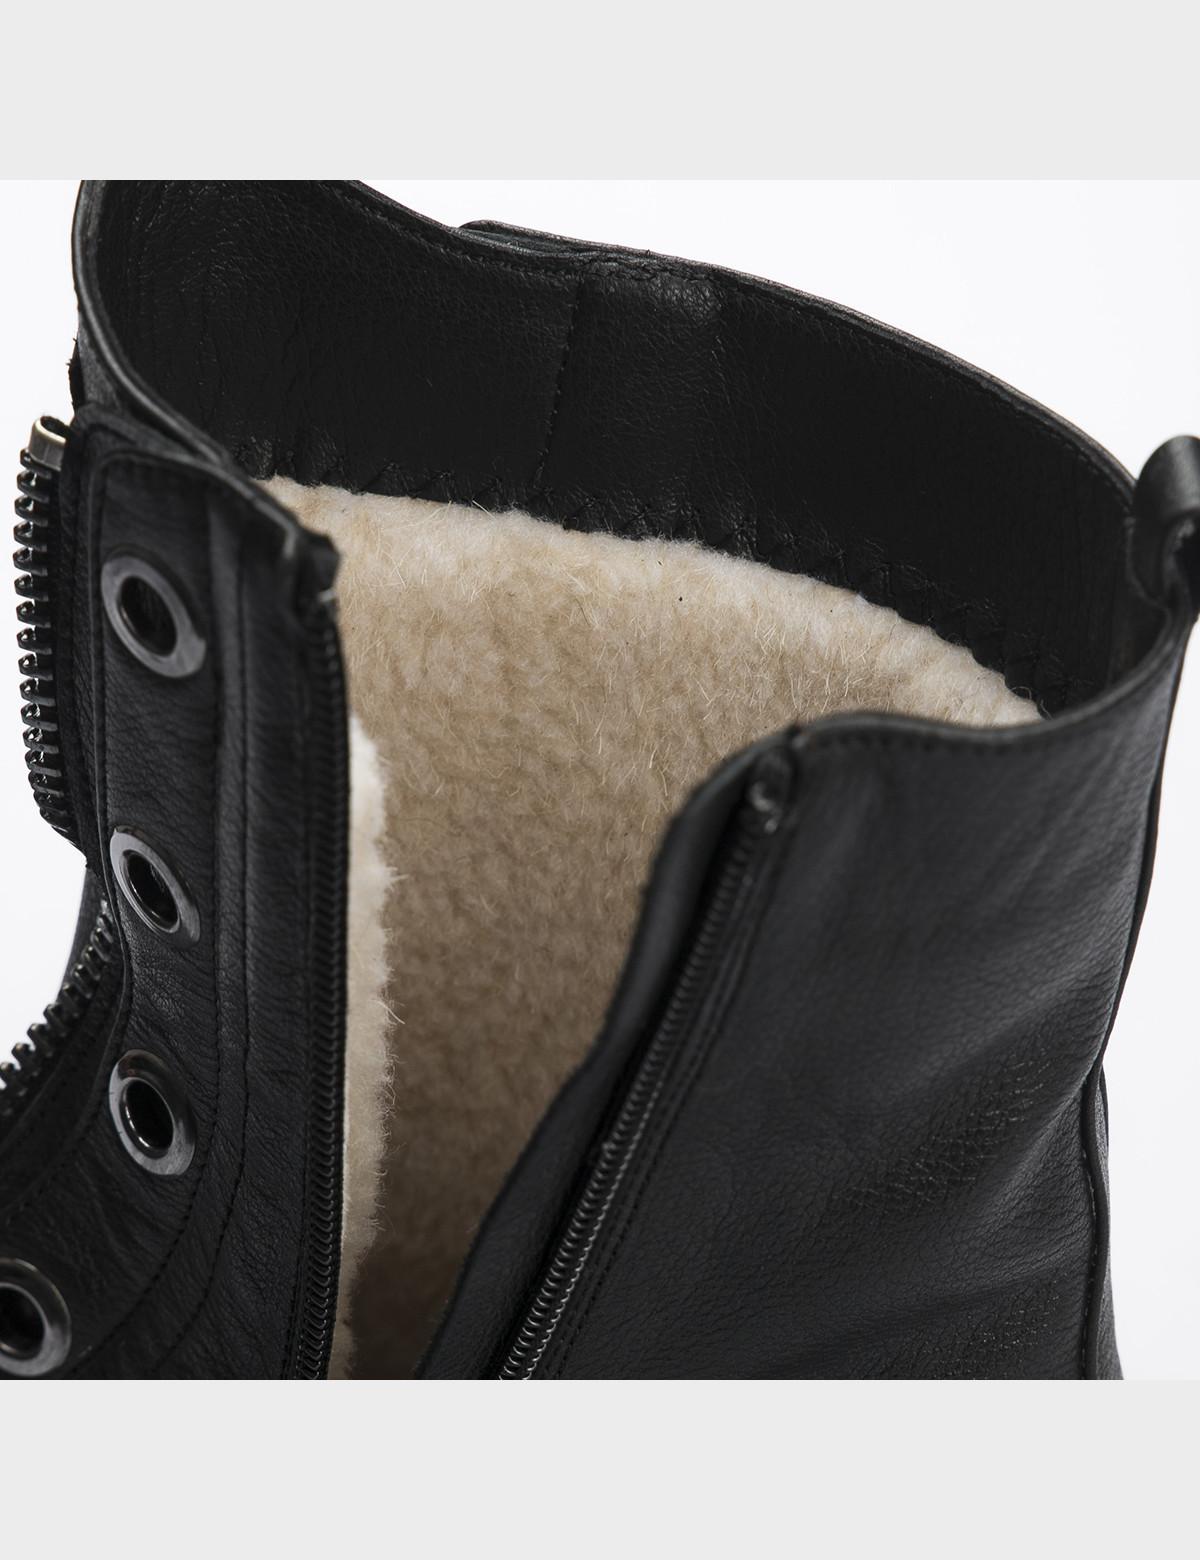 Ботинки черные, натуральная кожа. Шерсть4